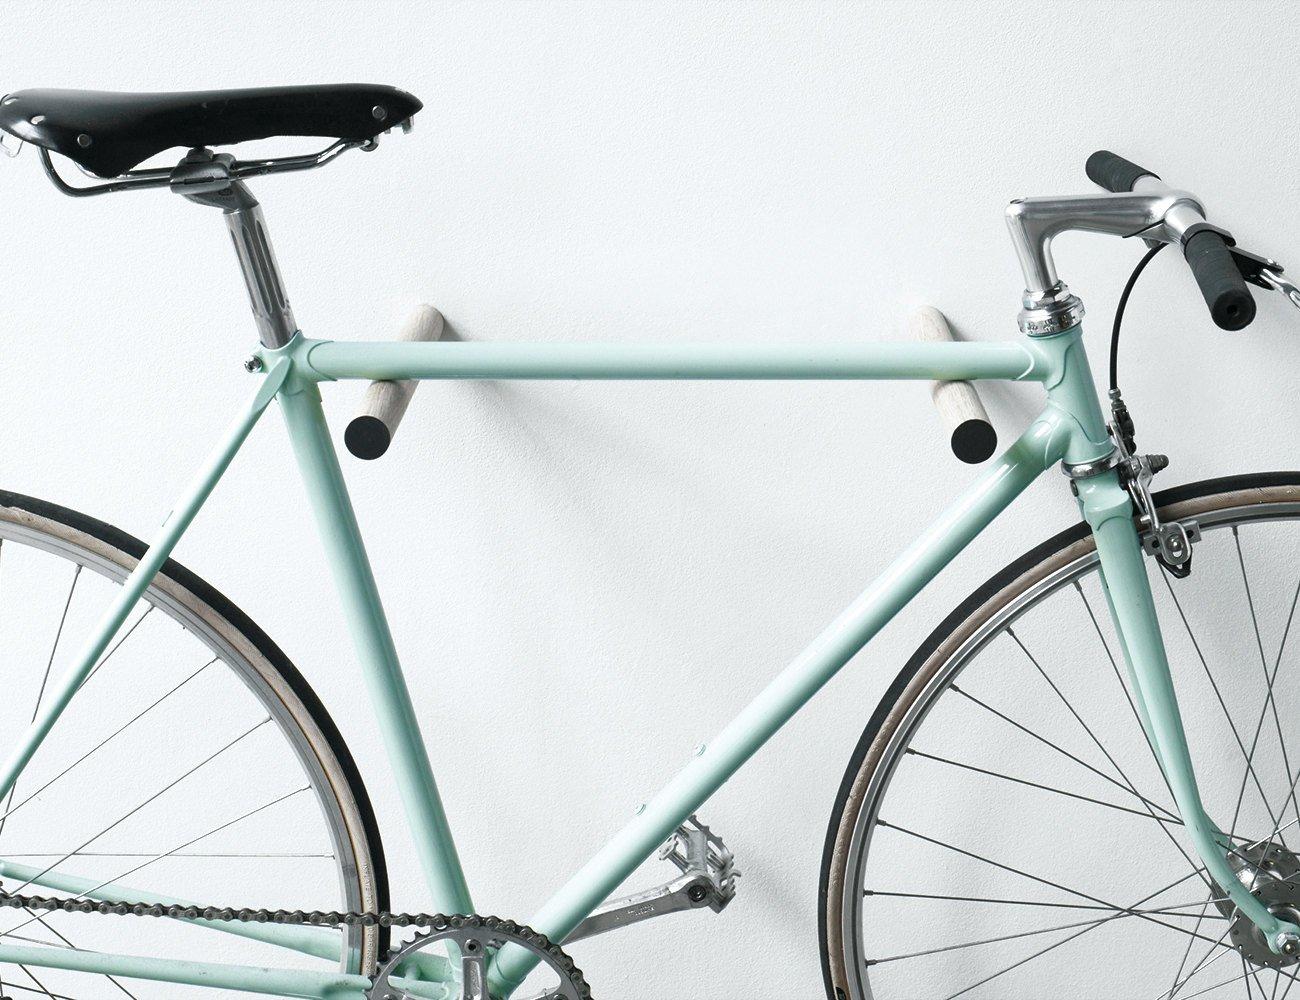 Un joli porte-vélo pour accrocher son vélo au mur - c'est déco